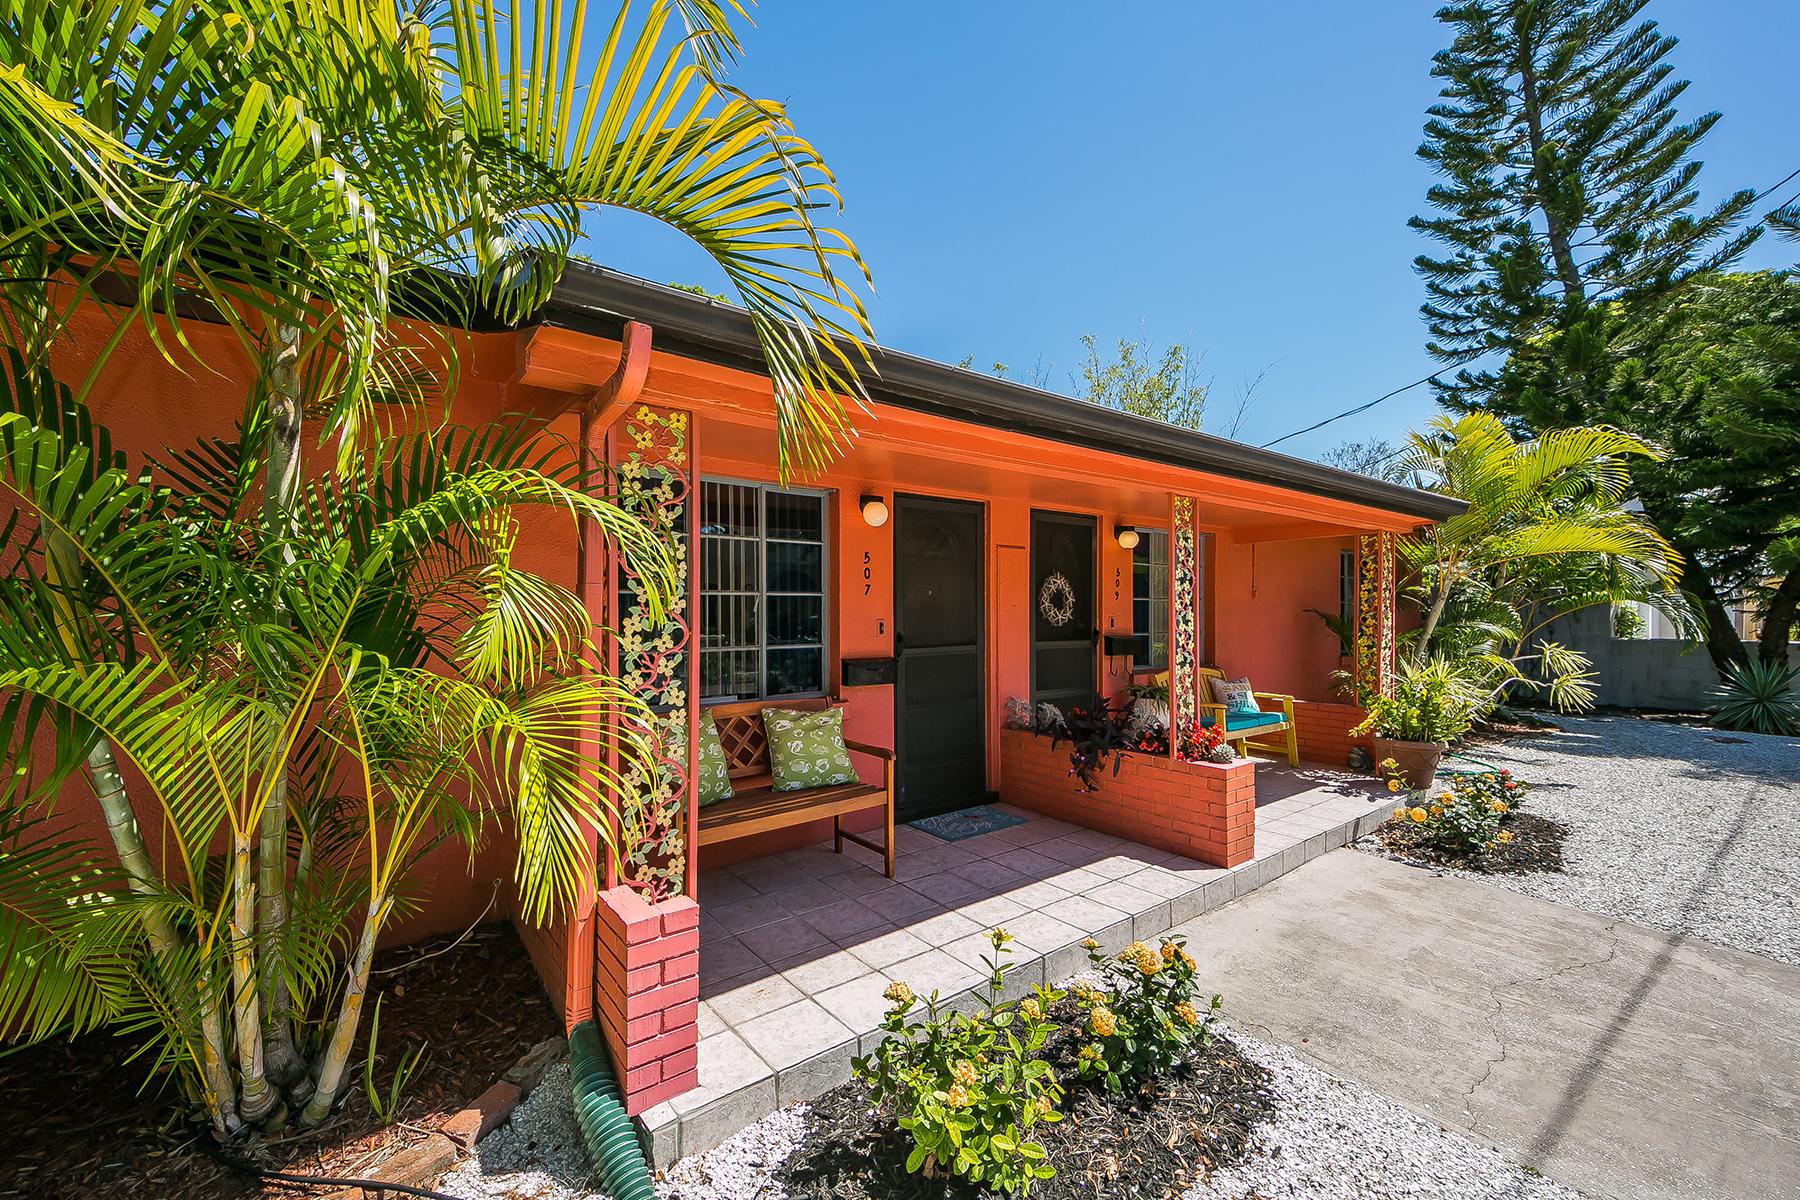 Частный односемейный дом для того Продажа на LAUREL PARK 507 Madison Ct Sarasota, Флорида, 34236 Соединенные Штаты